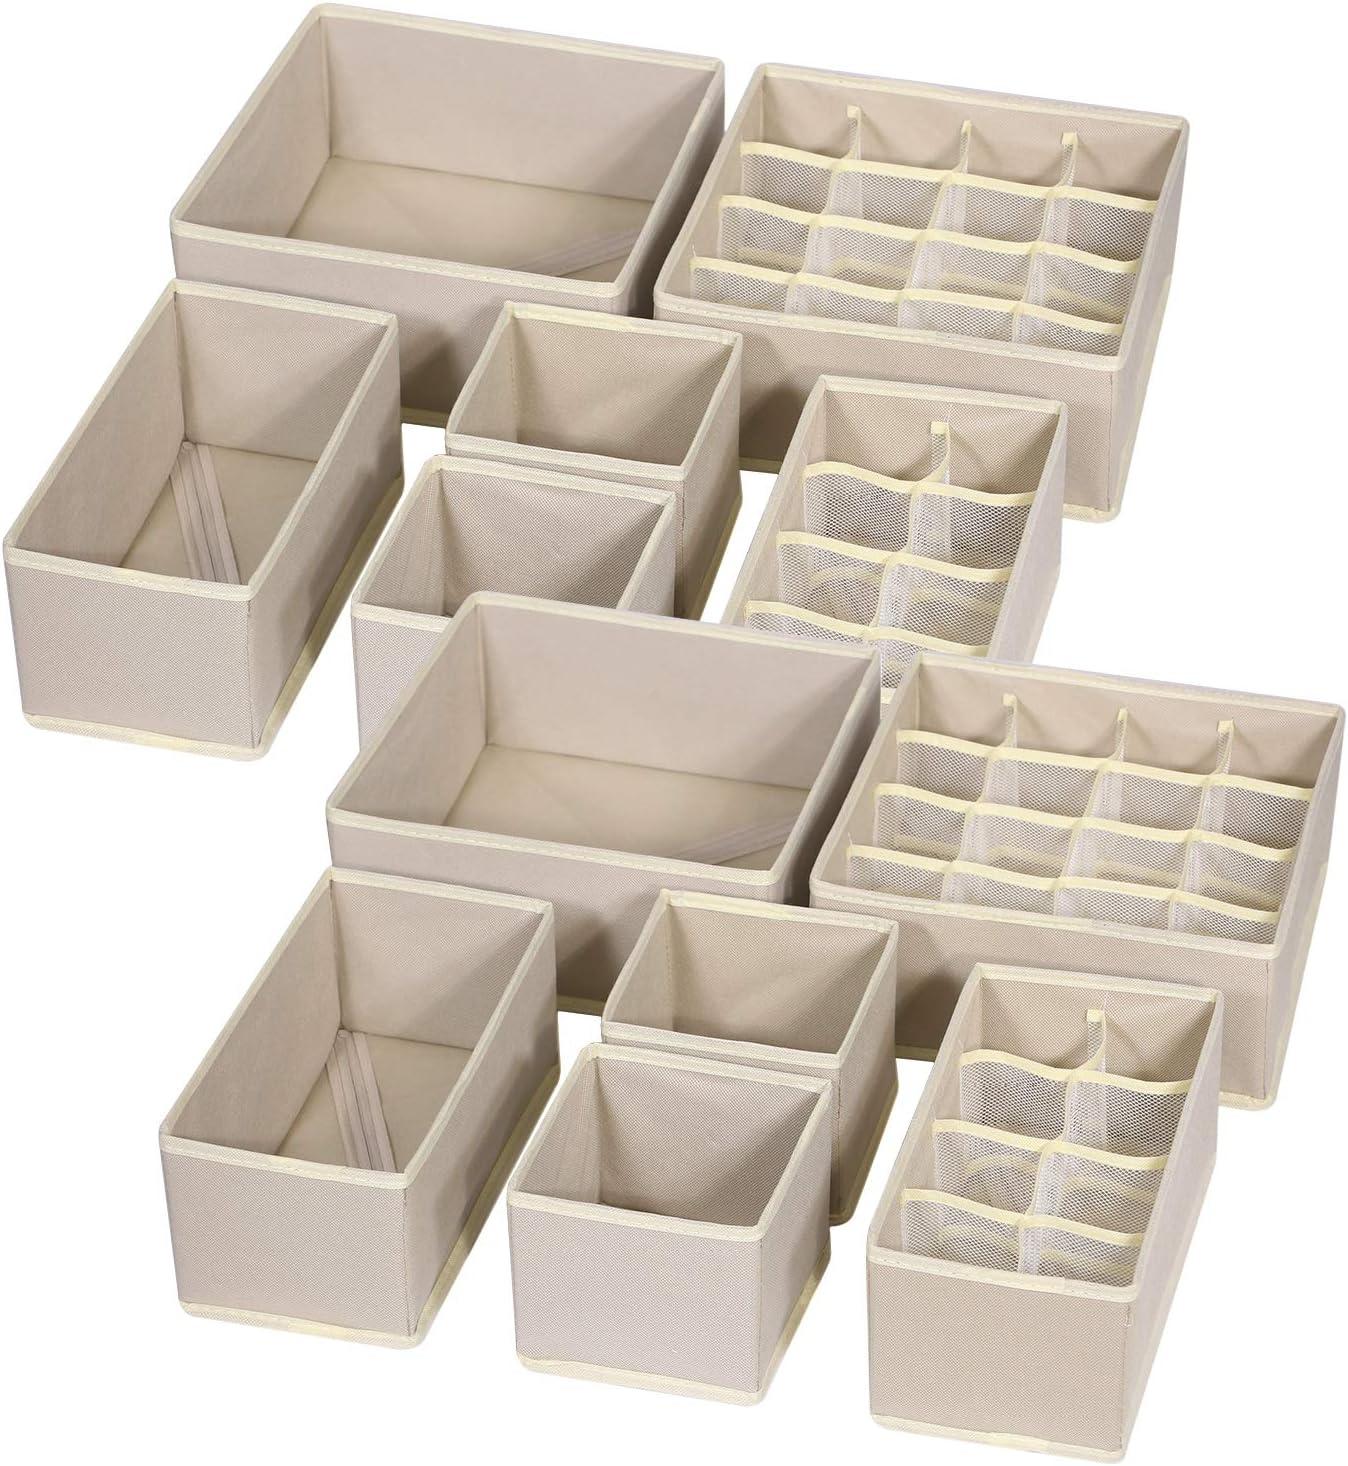 Organizador para Ropa Interior,3 Piezas Plegable Organizador Ropa Interior,para Almacenar Calcetines Sujetador,Corbatas Organizador De Cajones Beige Bufandas